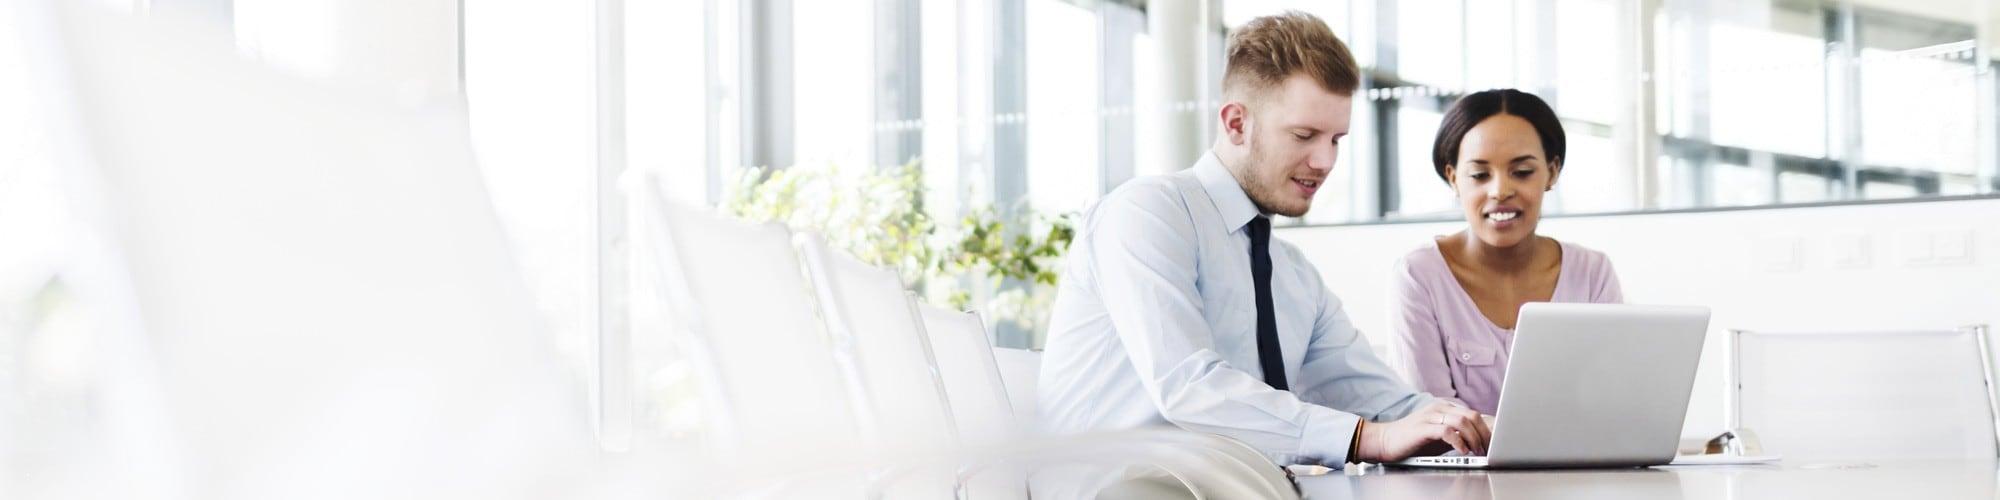 Man Woman using laptop